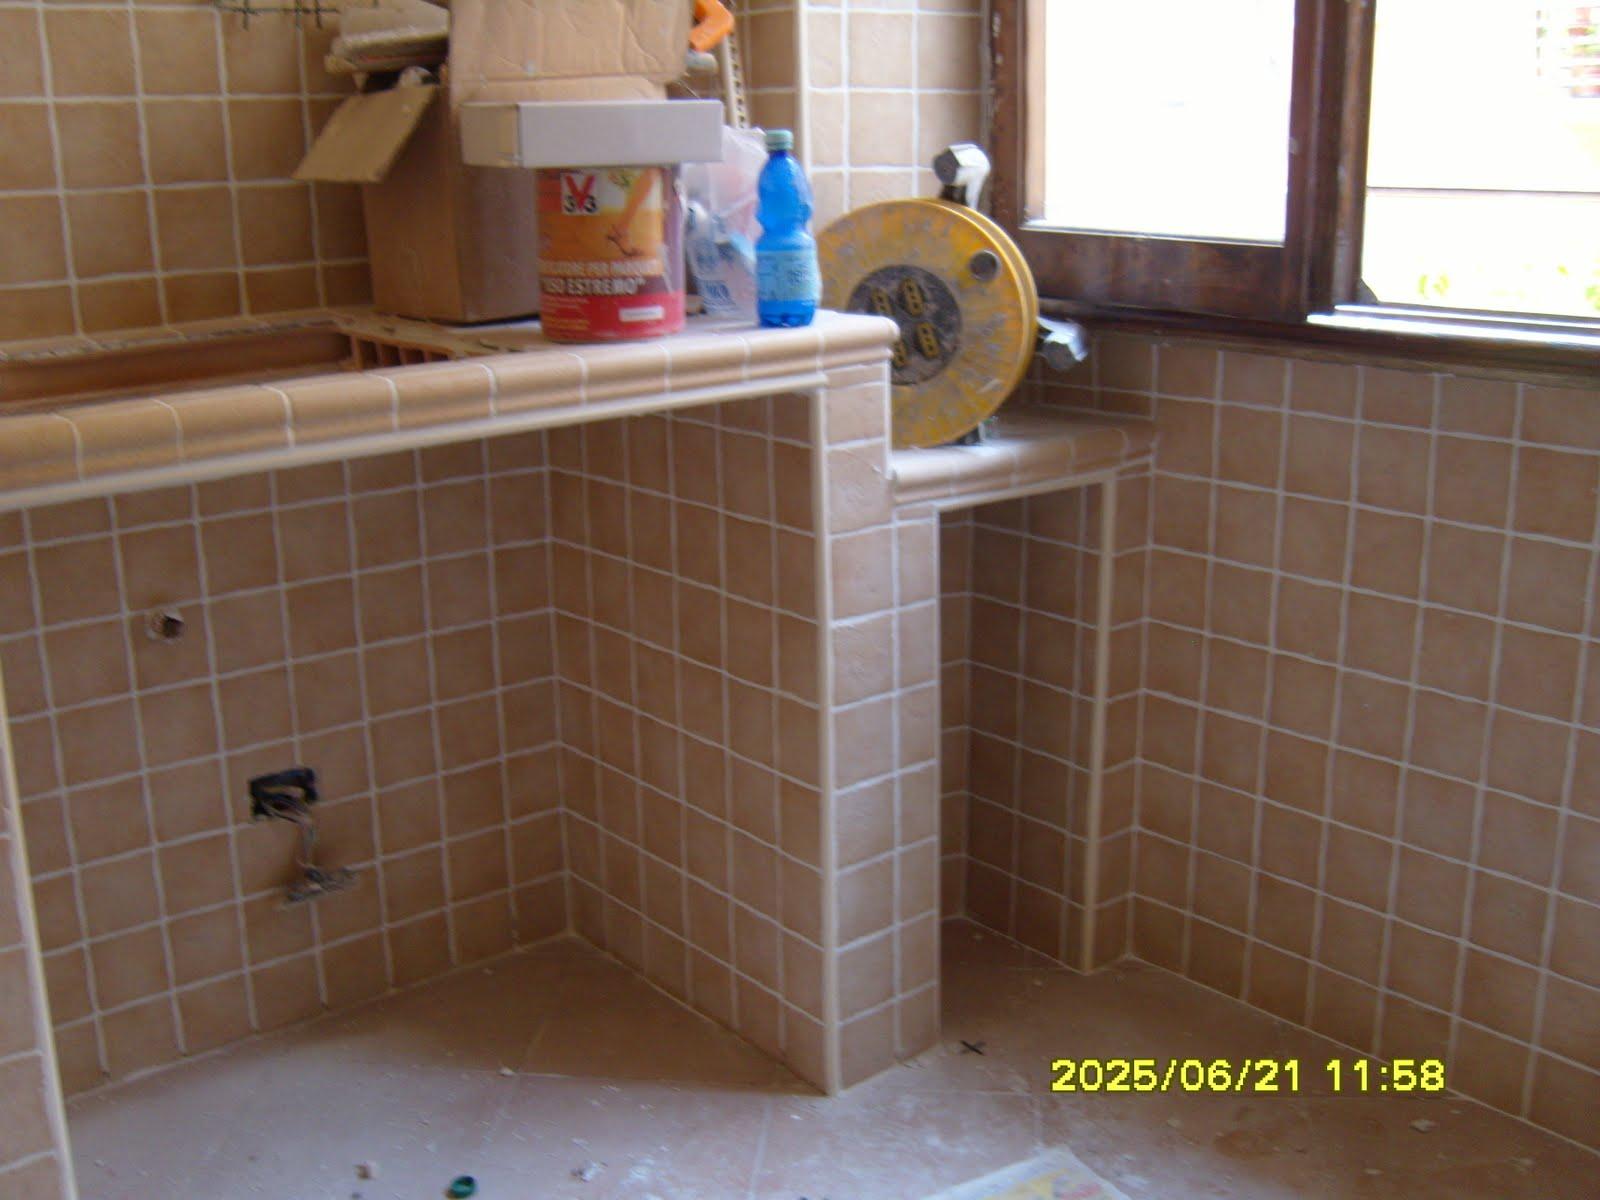 Cucine in finta muratura fai da te - Cucina finta muratura ikea ...